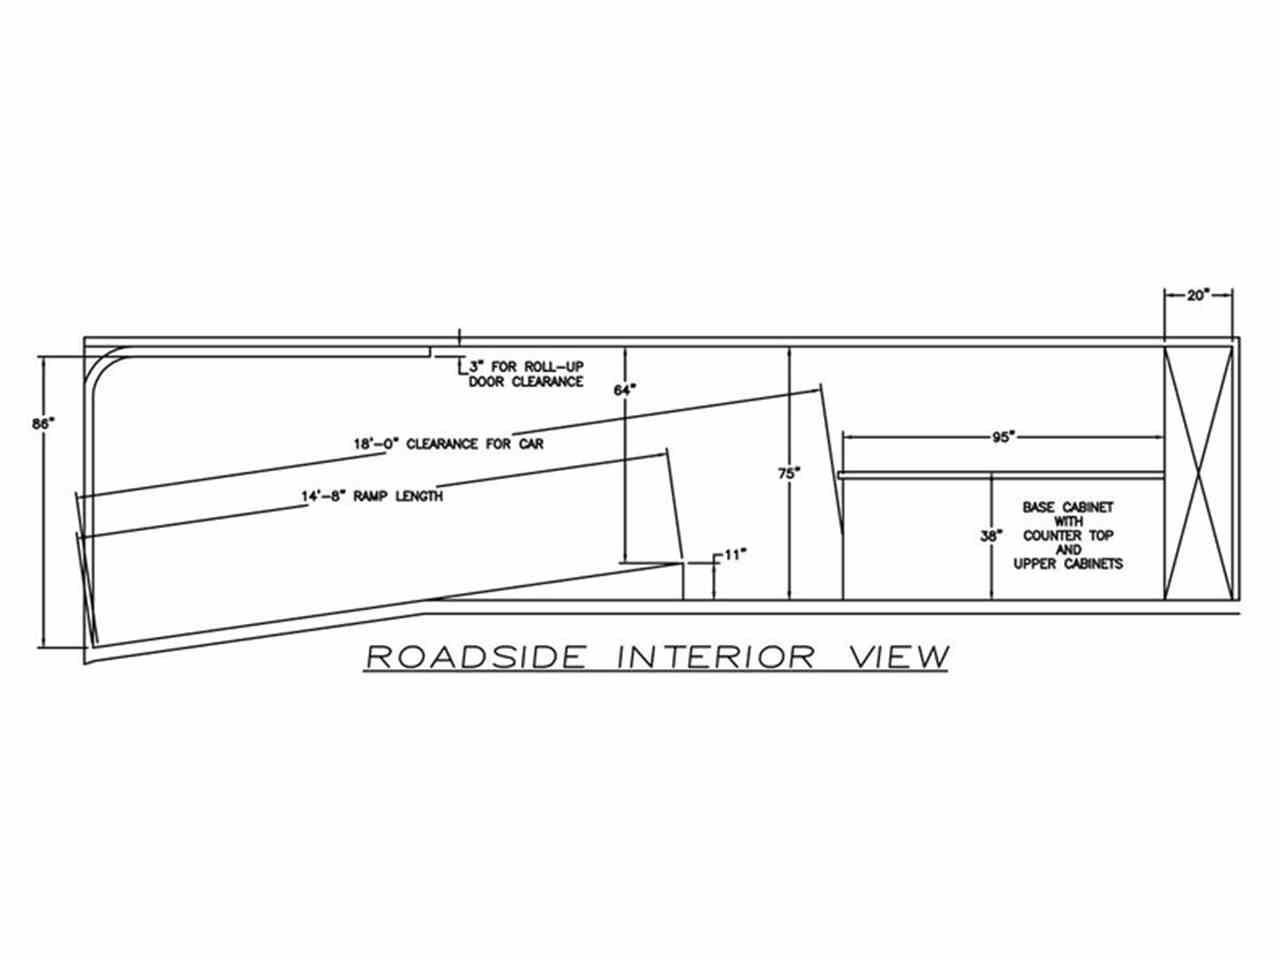 1981 jeep cj7 wiring diagram sony xplod 52wx4 stereo 1982 engine schematics imageresizertool com